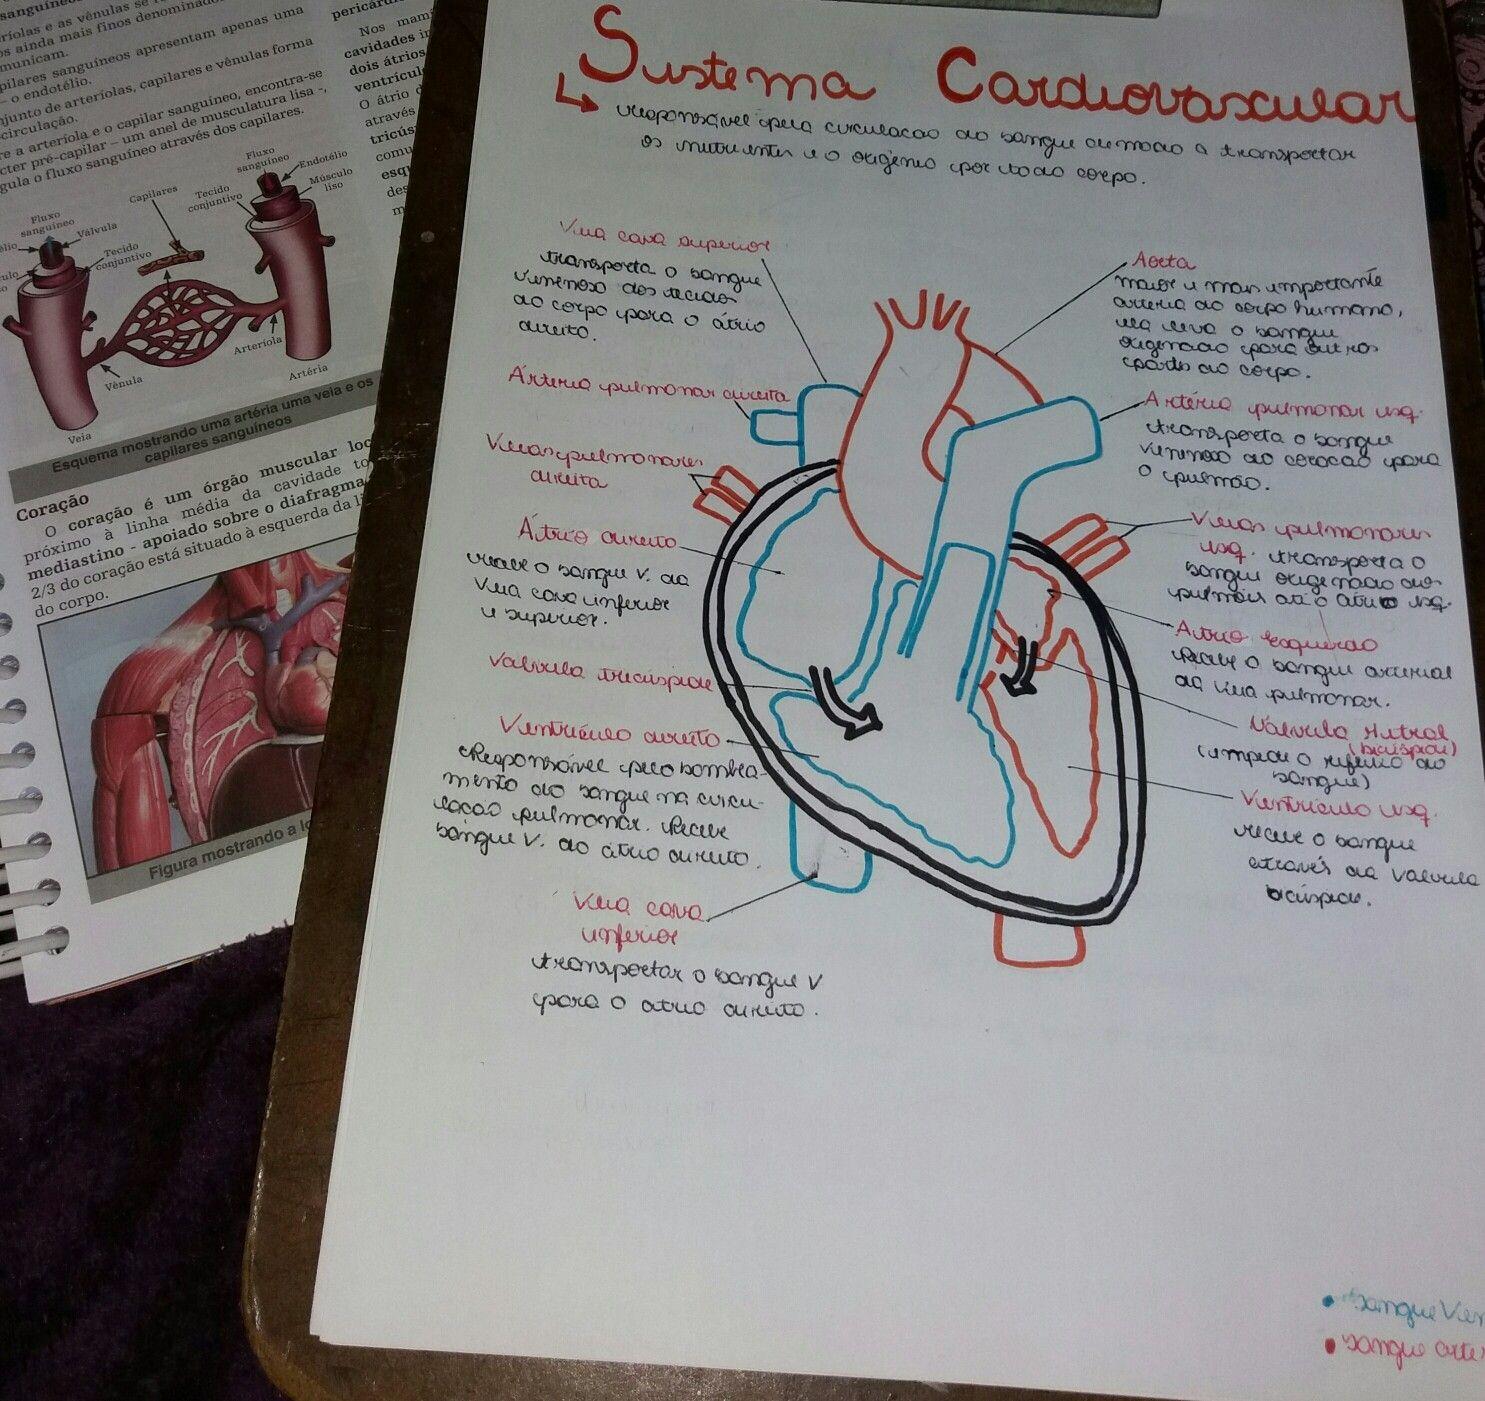 Estudo Sistema Cardiovascular